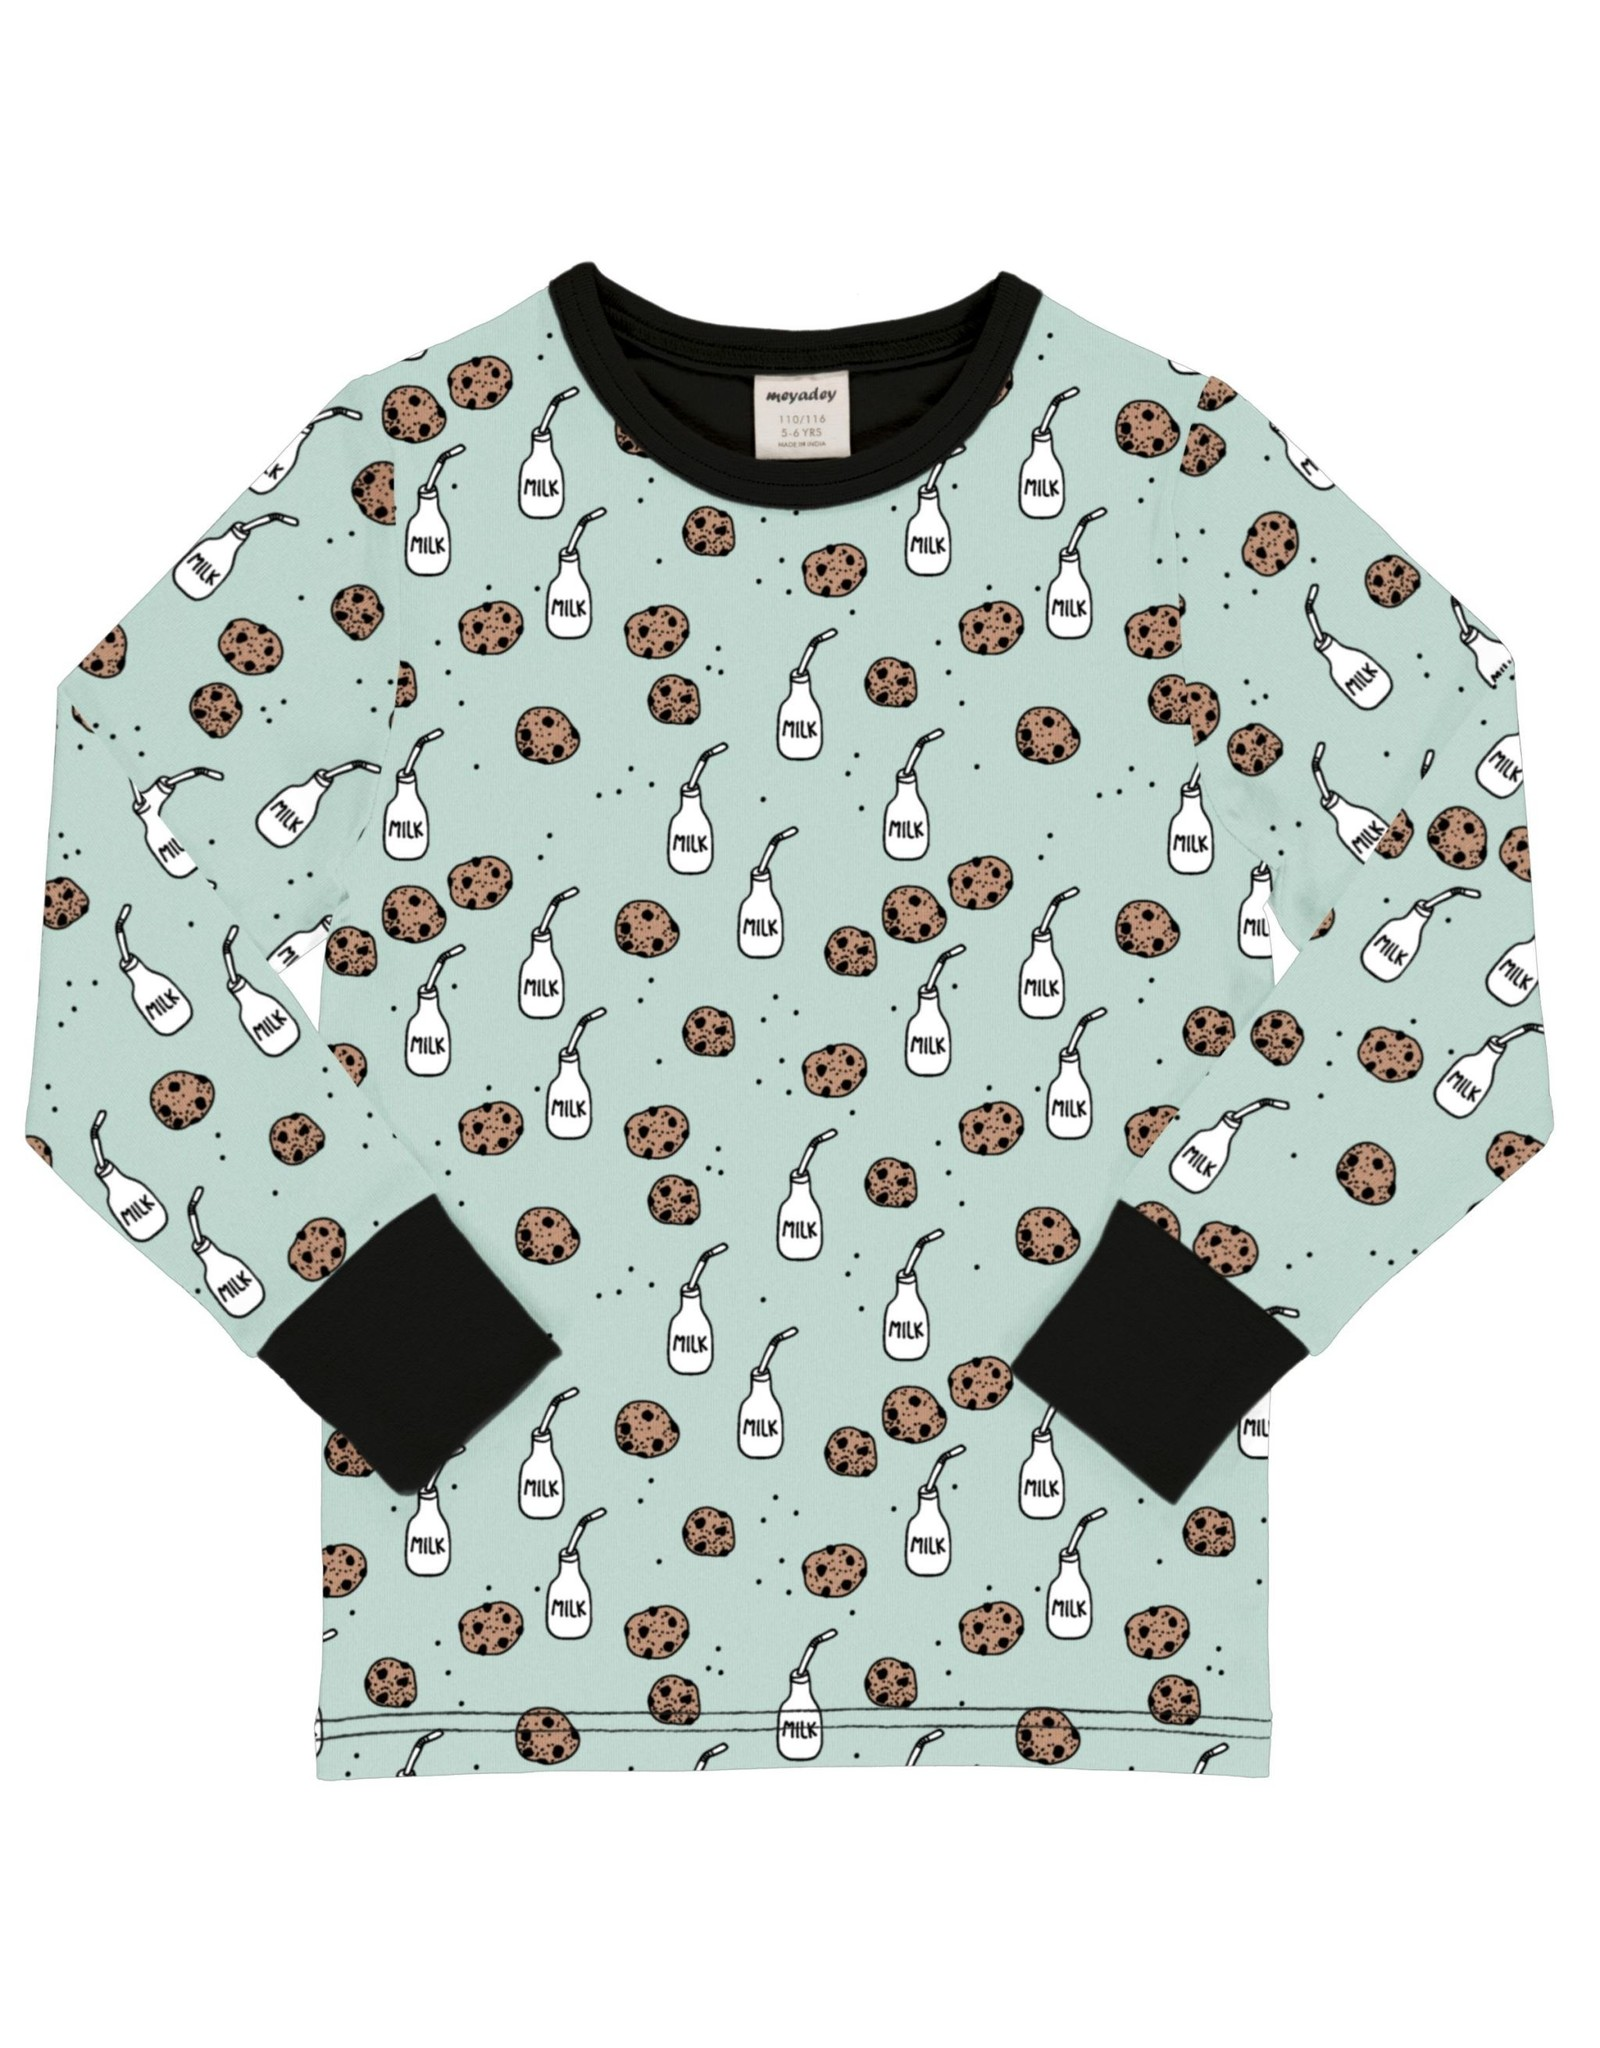 Meyadey T-shirt met melk en koekjes print